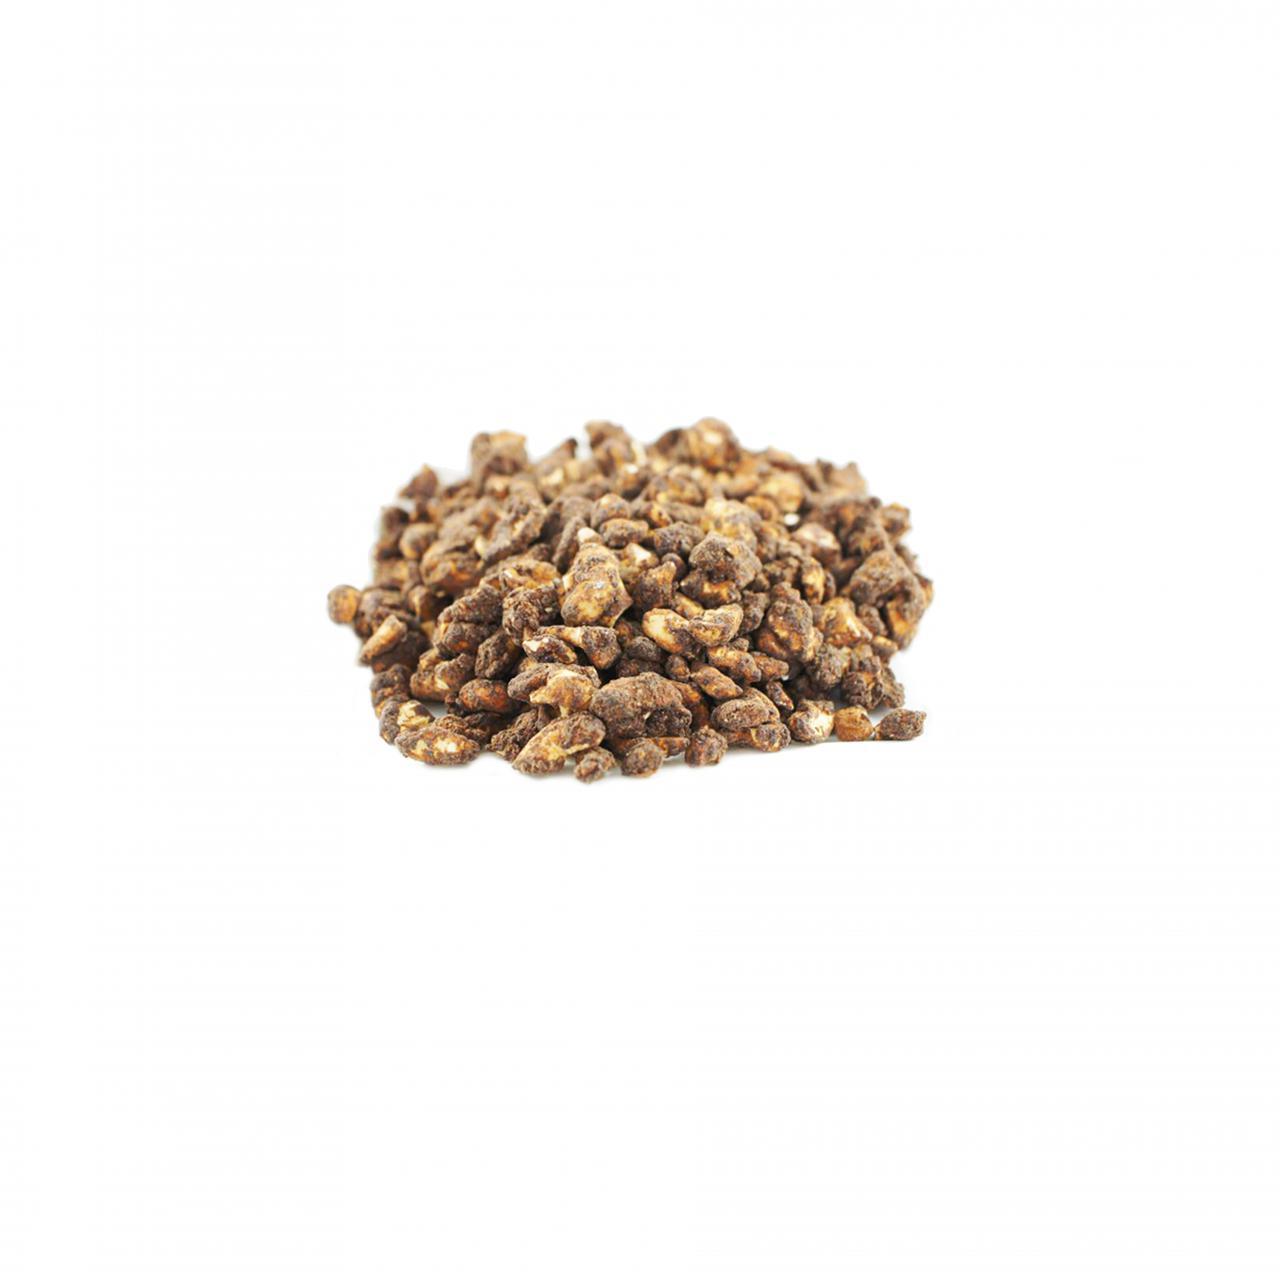 Kakaokaramellisierte Cashews